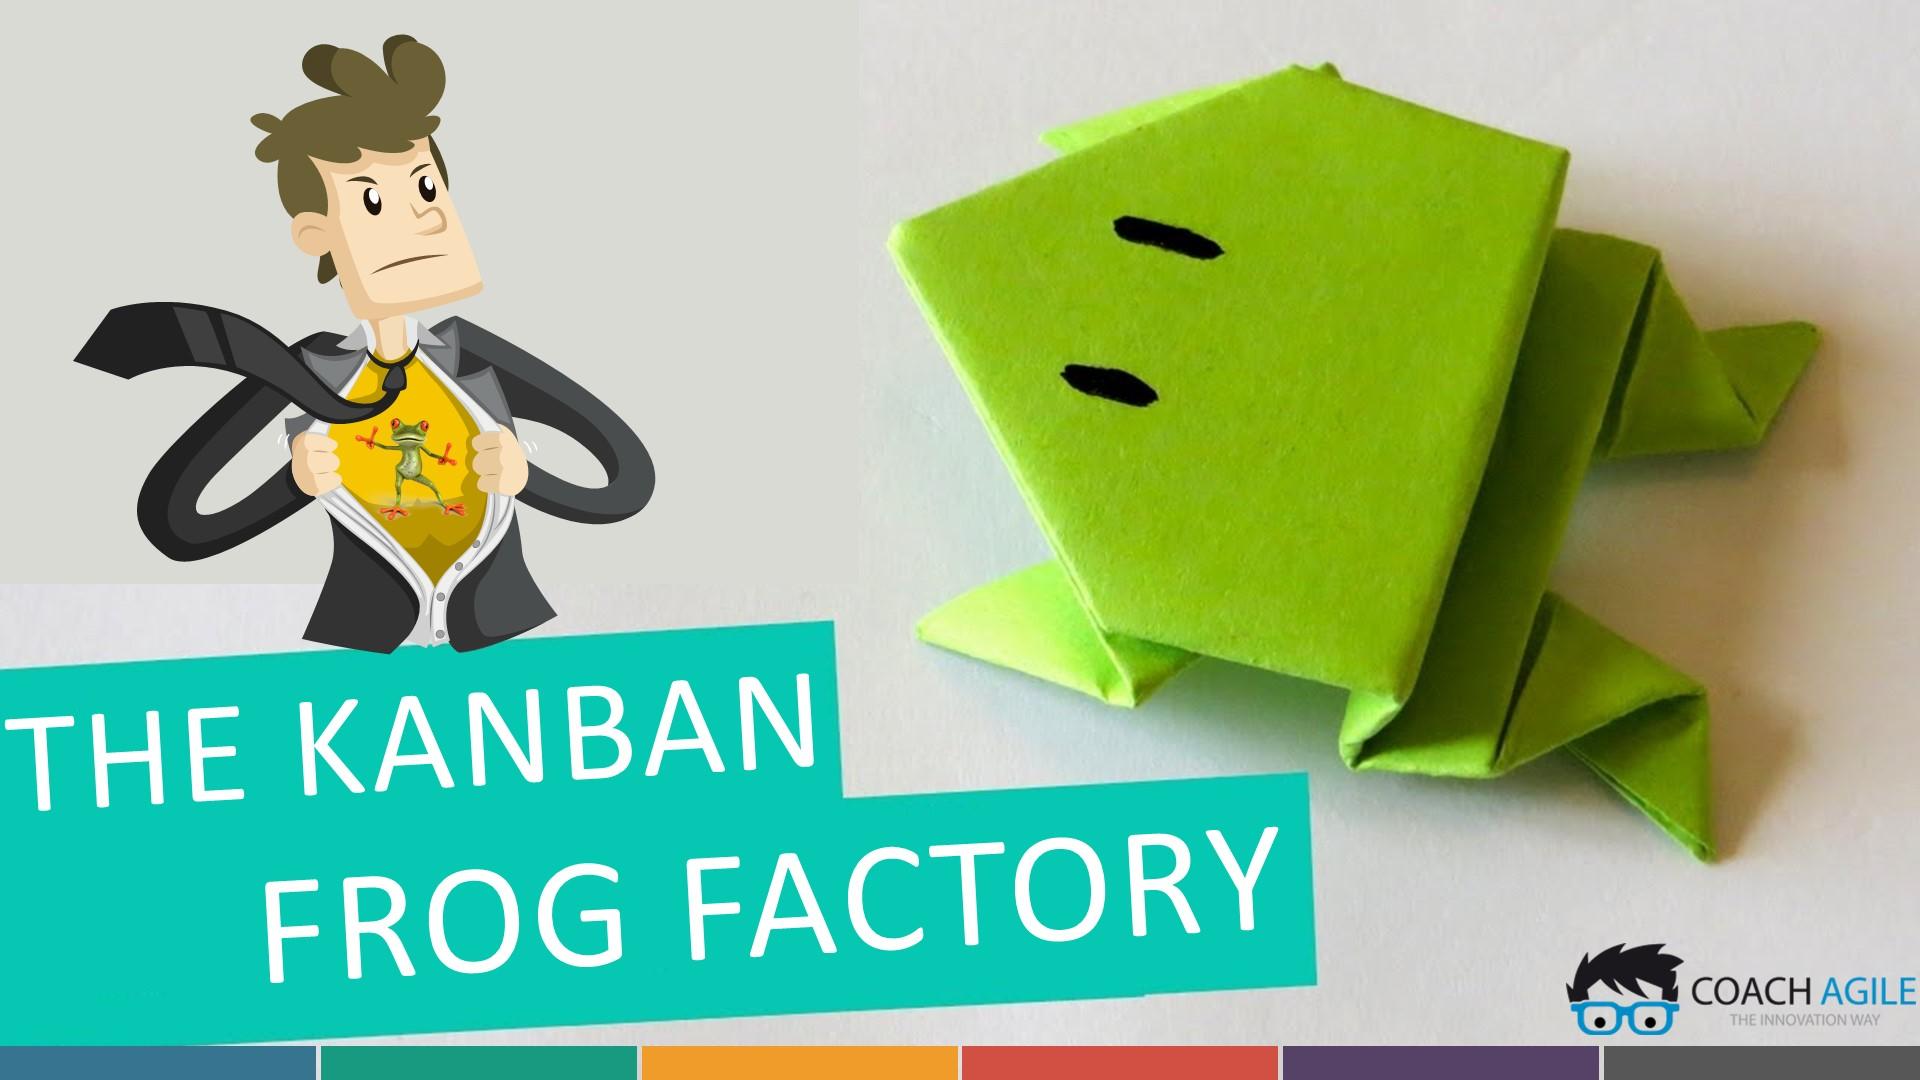 SERIOUS GAME : KANBAN FROG FACTORY